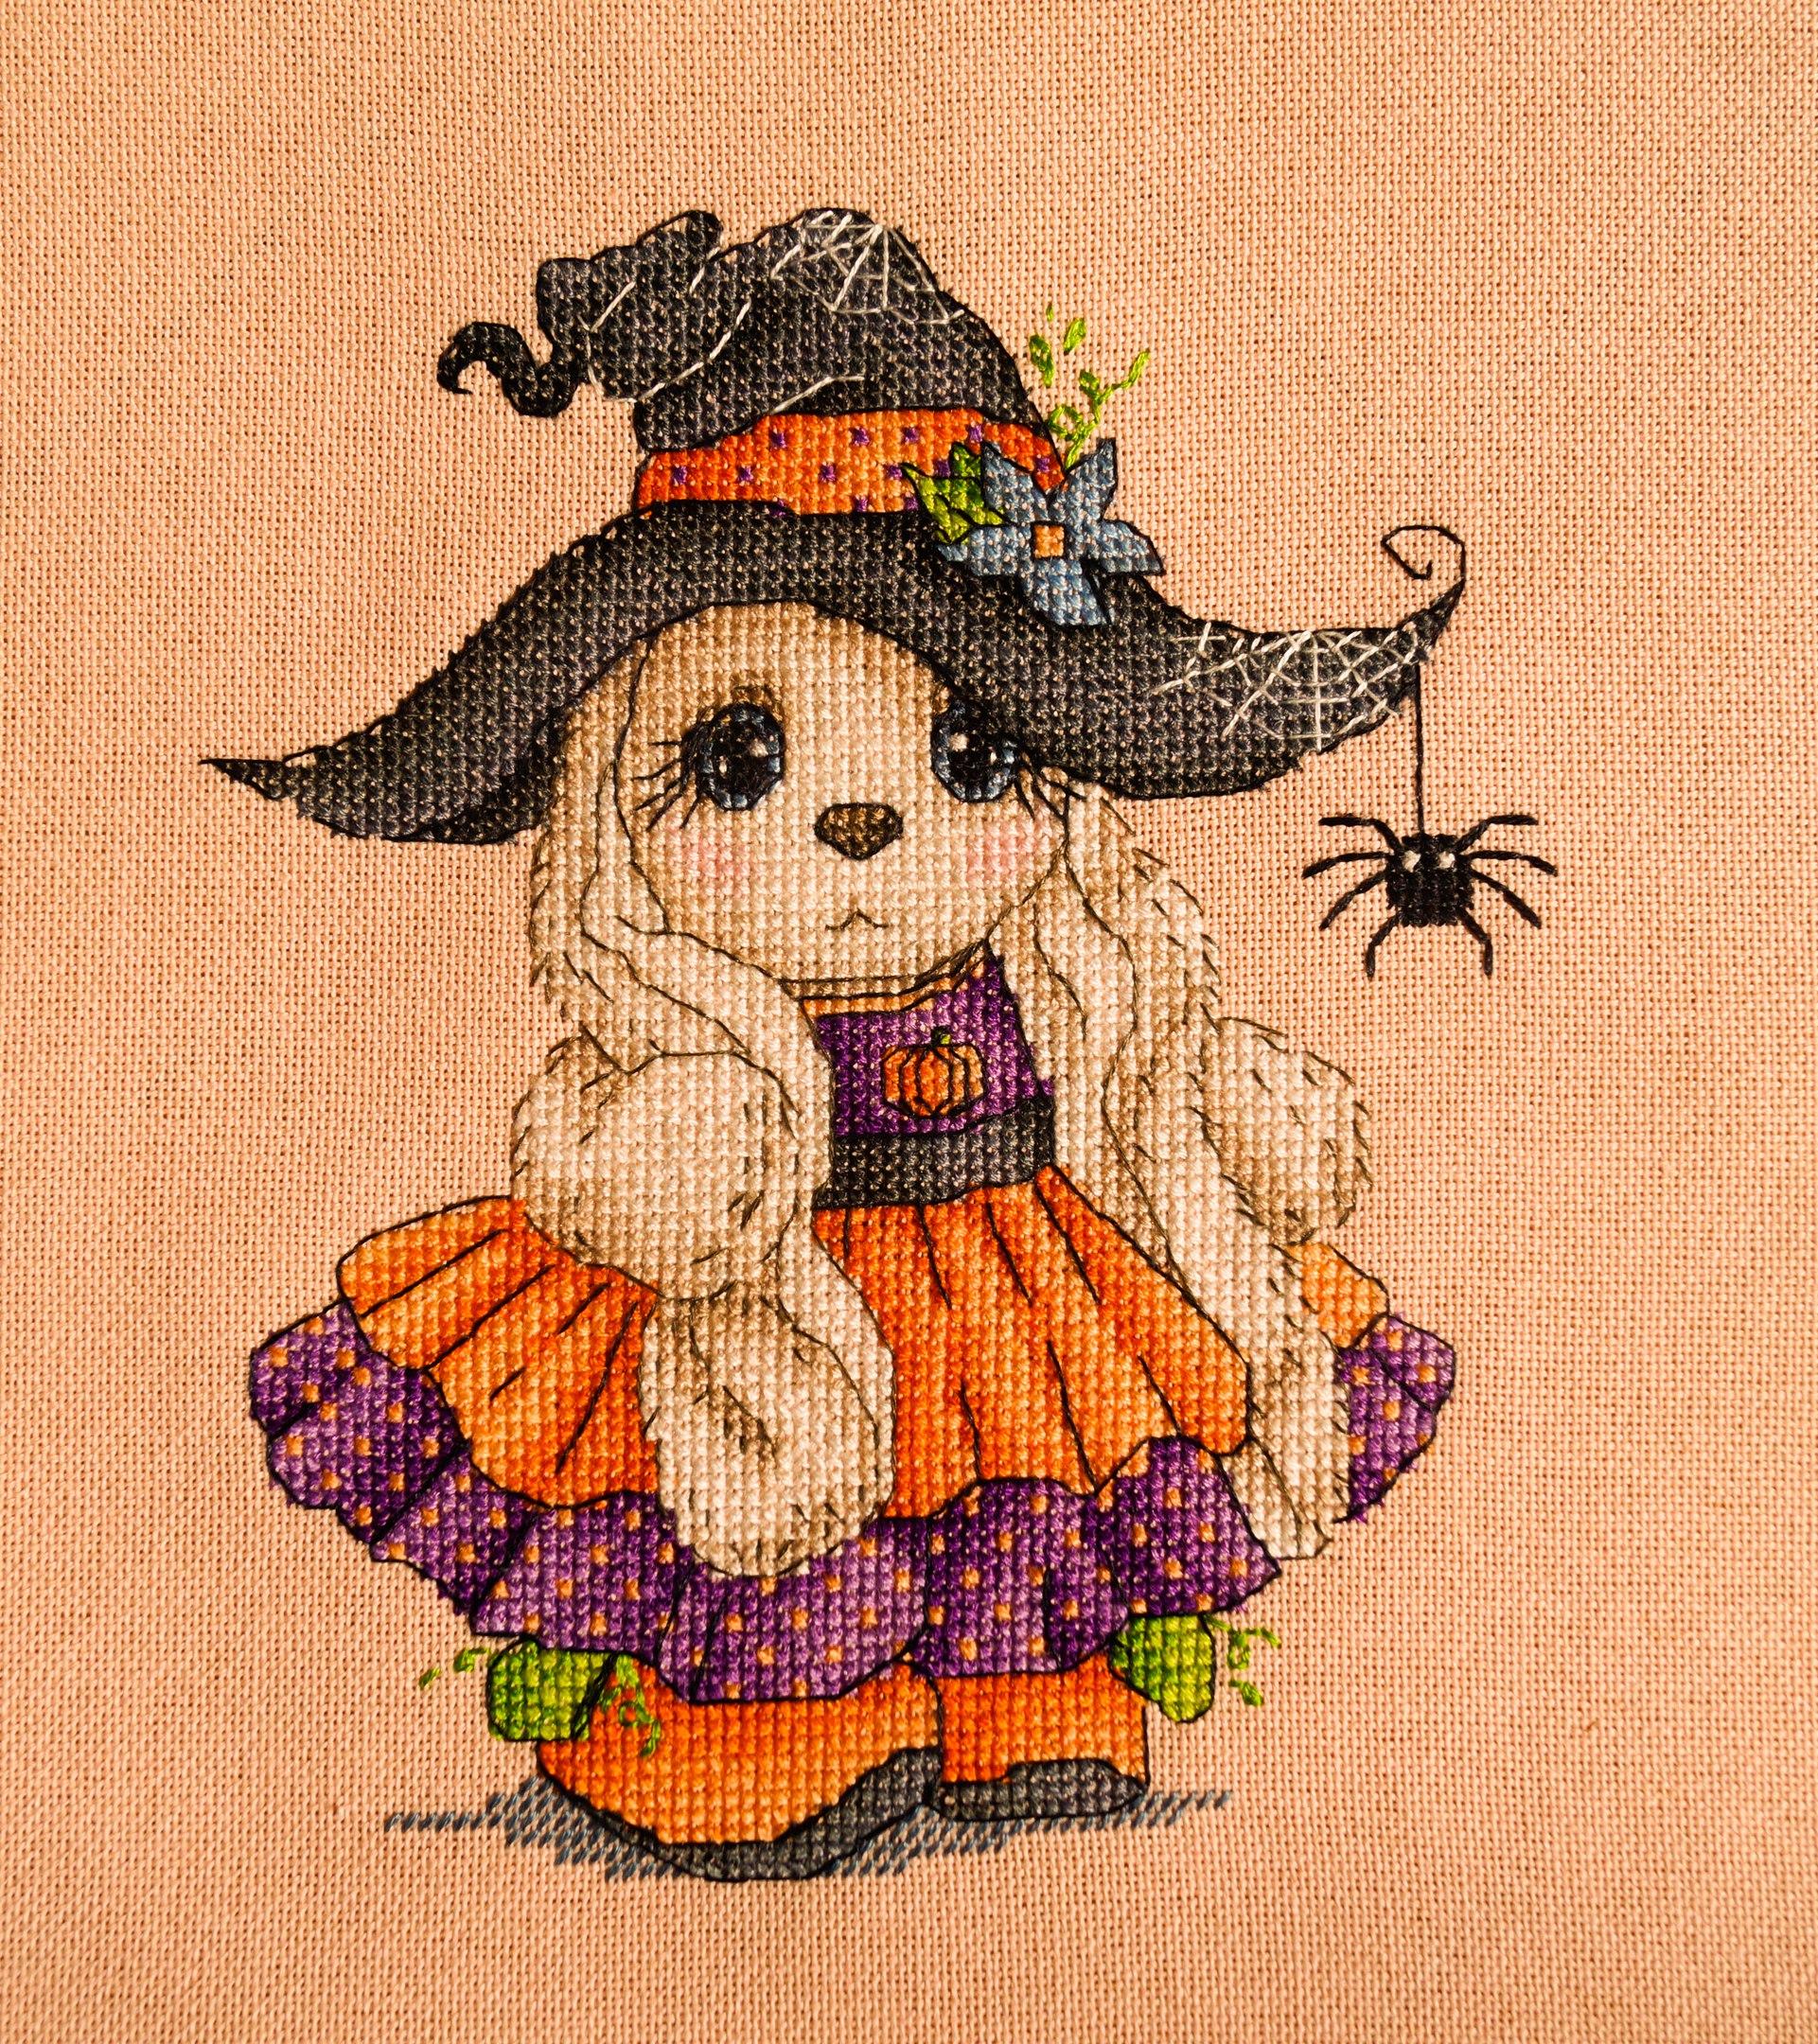 Halloween bunny sa stitch